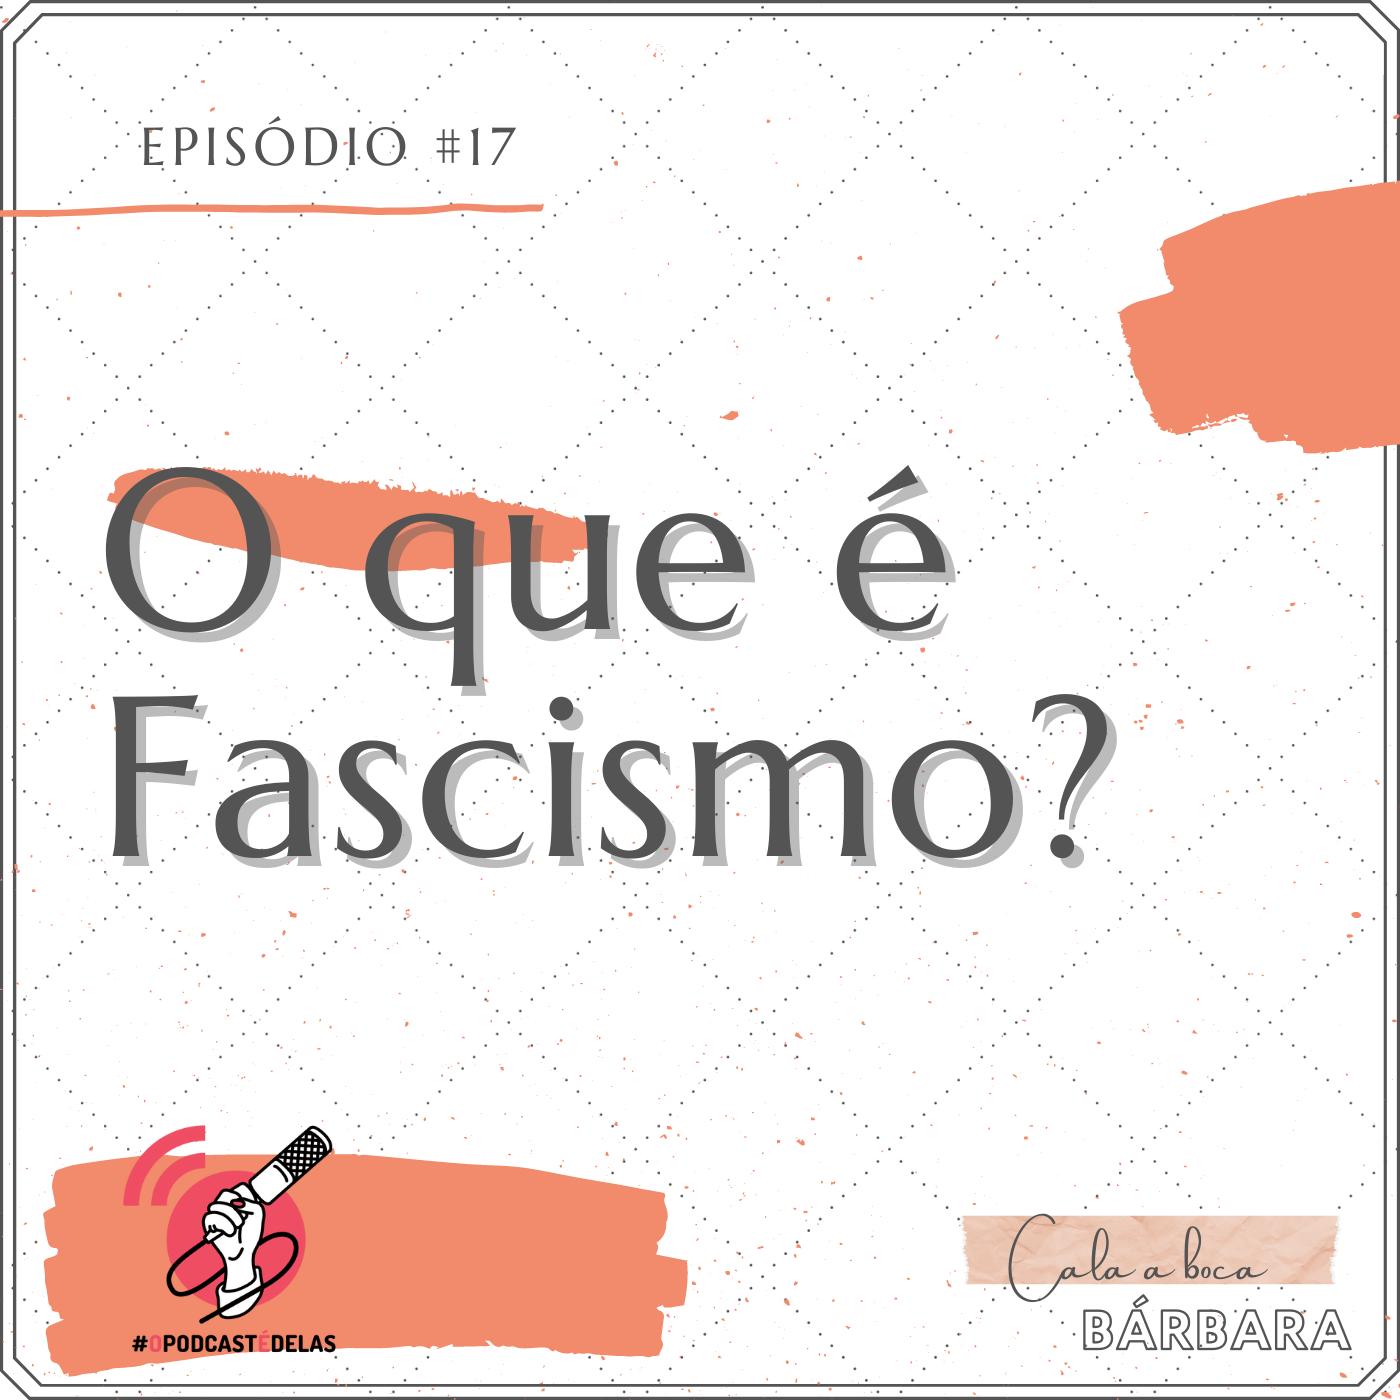 """Vitrine do episódio. Um fundo branco, com o texto no topo à esquerda: Episódio #17. Logo abaixo e letras grandes: """"O que é Fascismo?"""". No canto inferior esquerdo, o símbolo do OPodcastÉDelas (um símbolo de feed vermelho com uma mão segurando um microfone). No canto inferior direito, o logo do podcast onde se lê """"Cala a Boca, Barbara"""""""